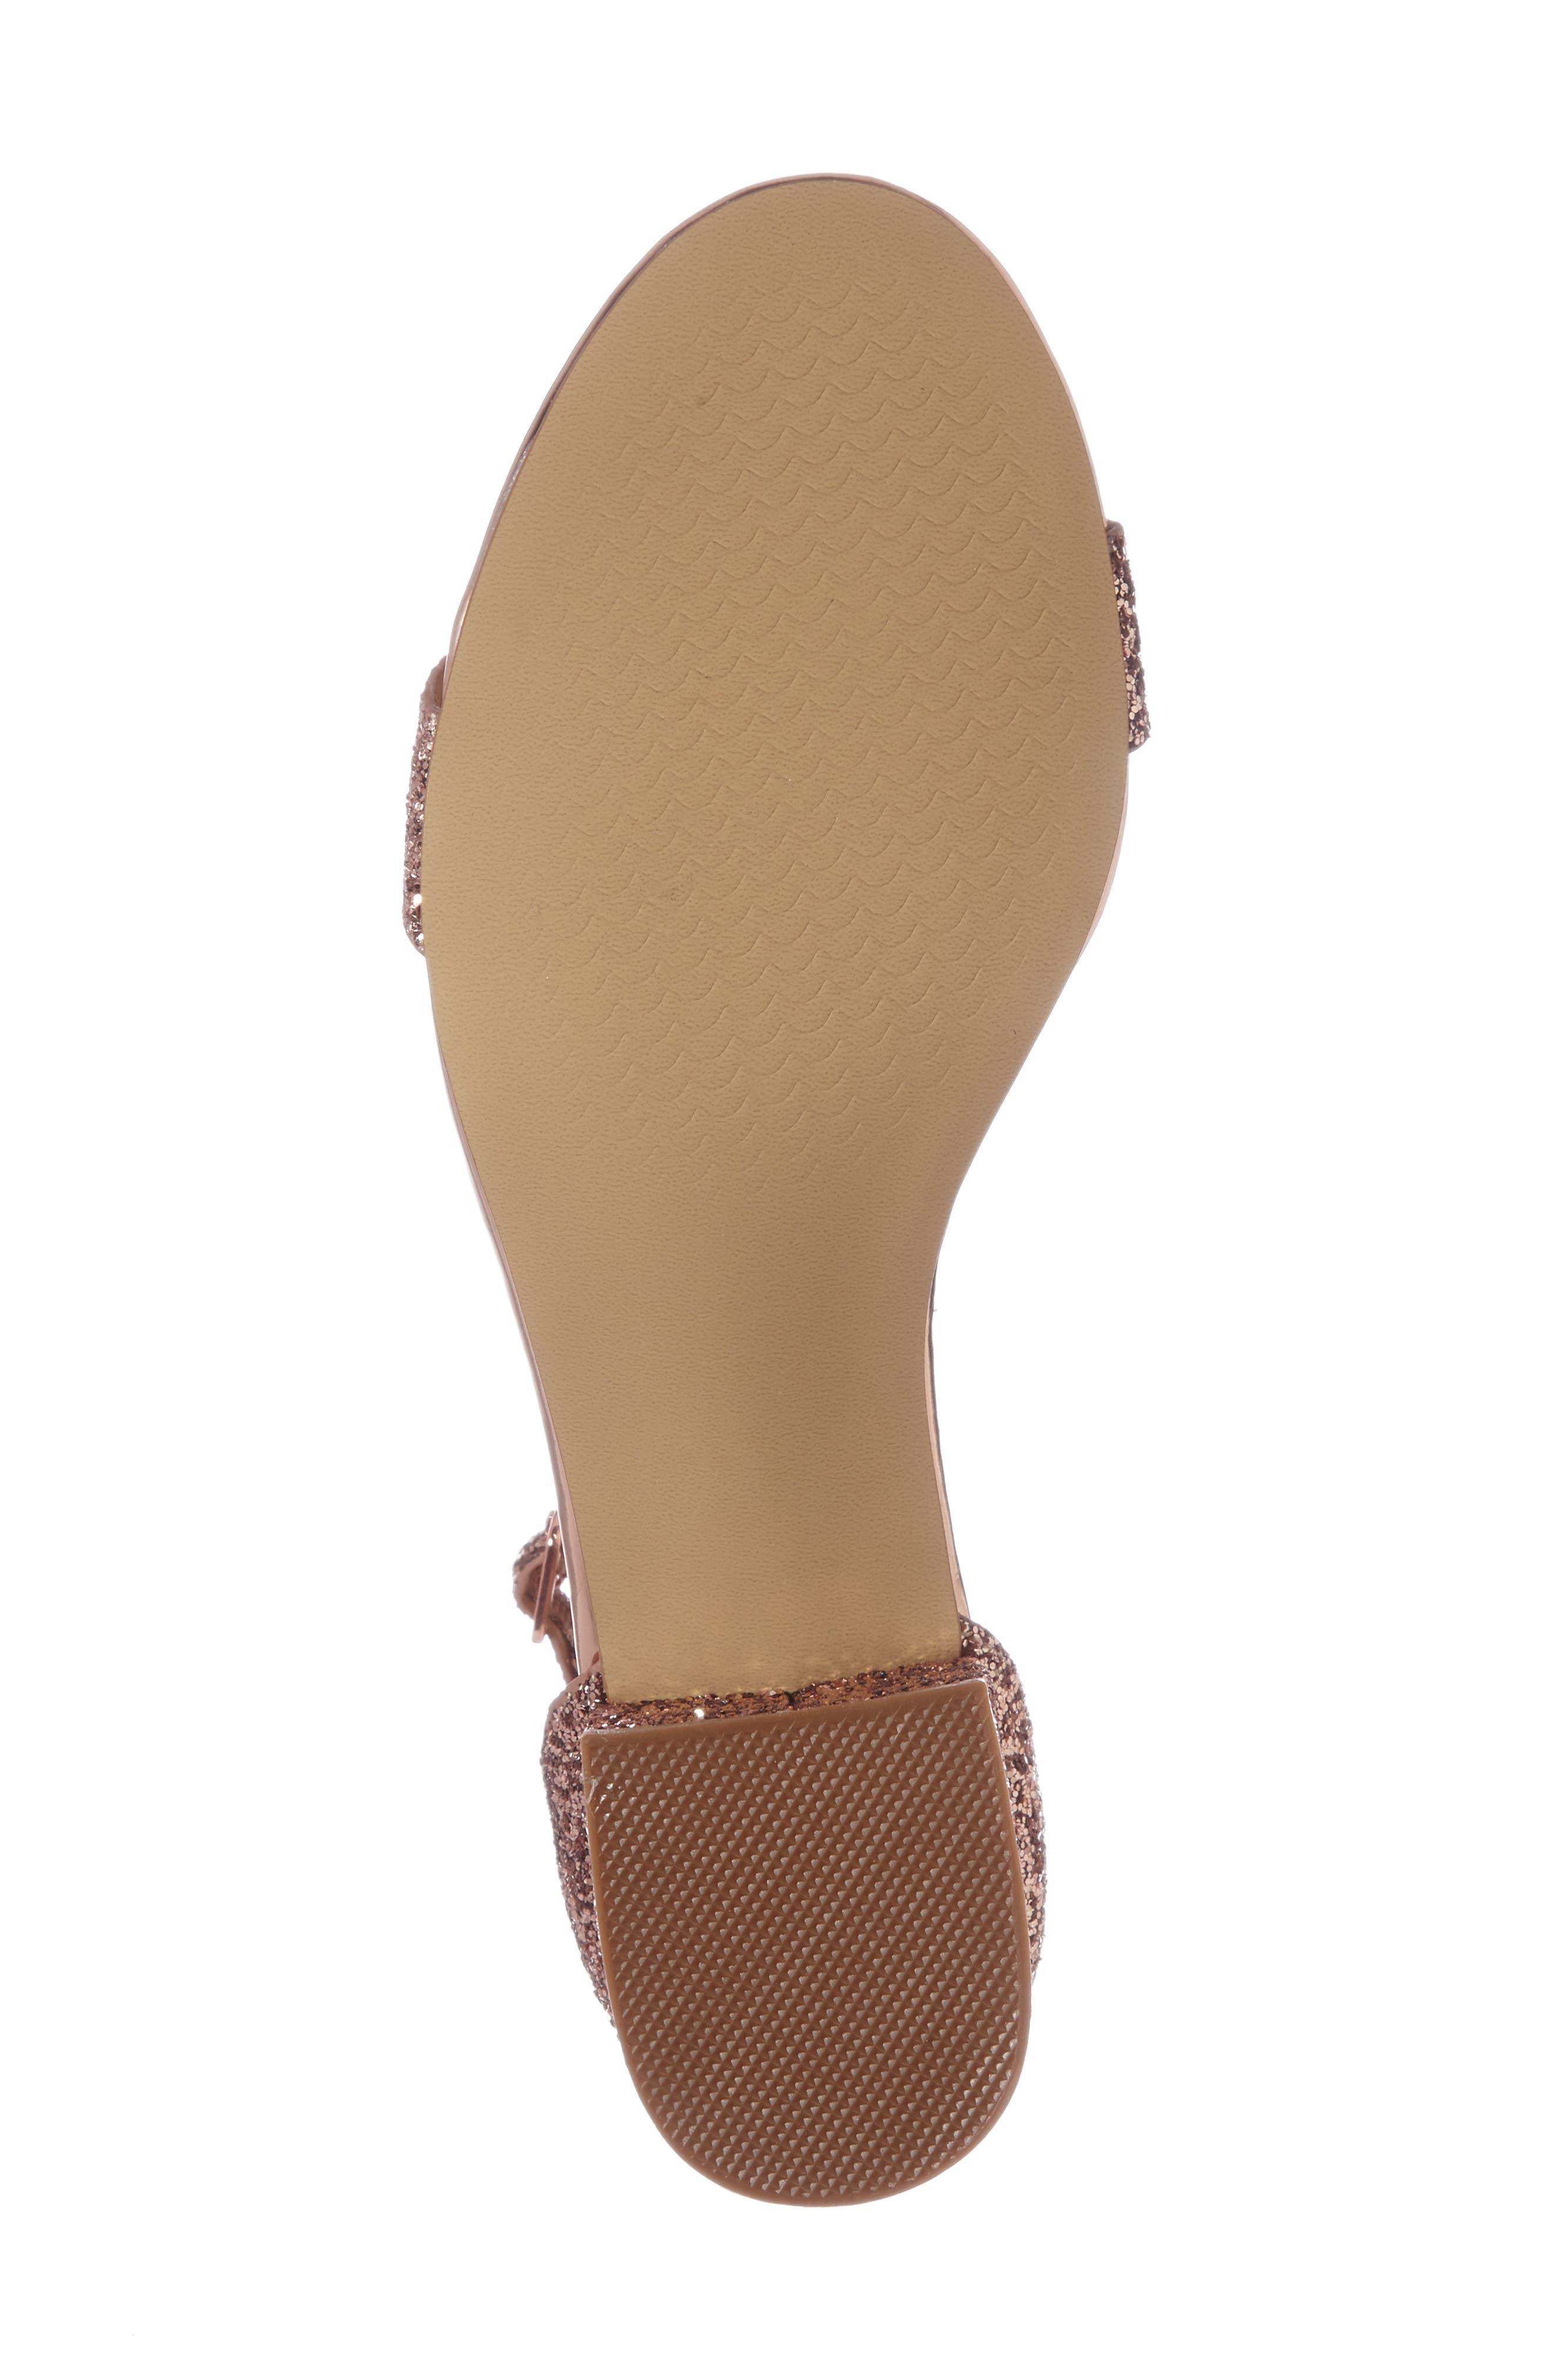 Irenee Ankle Strap Sandal,                             Alternate thumbnail 143, color,